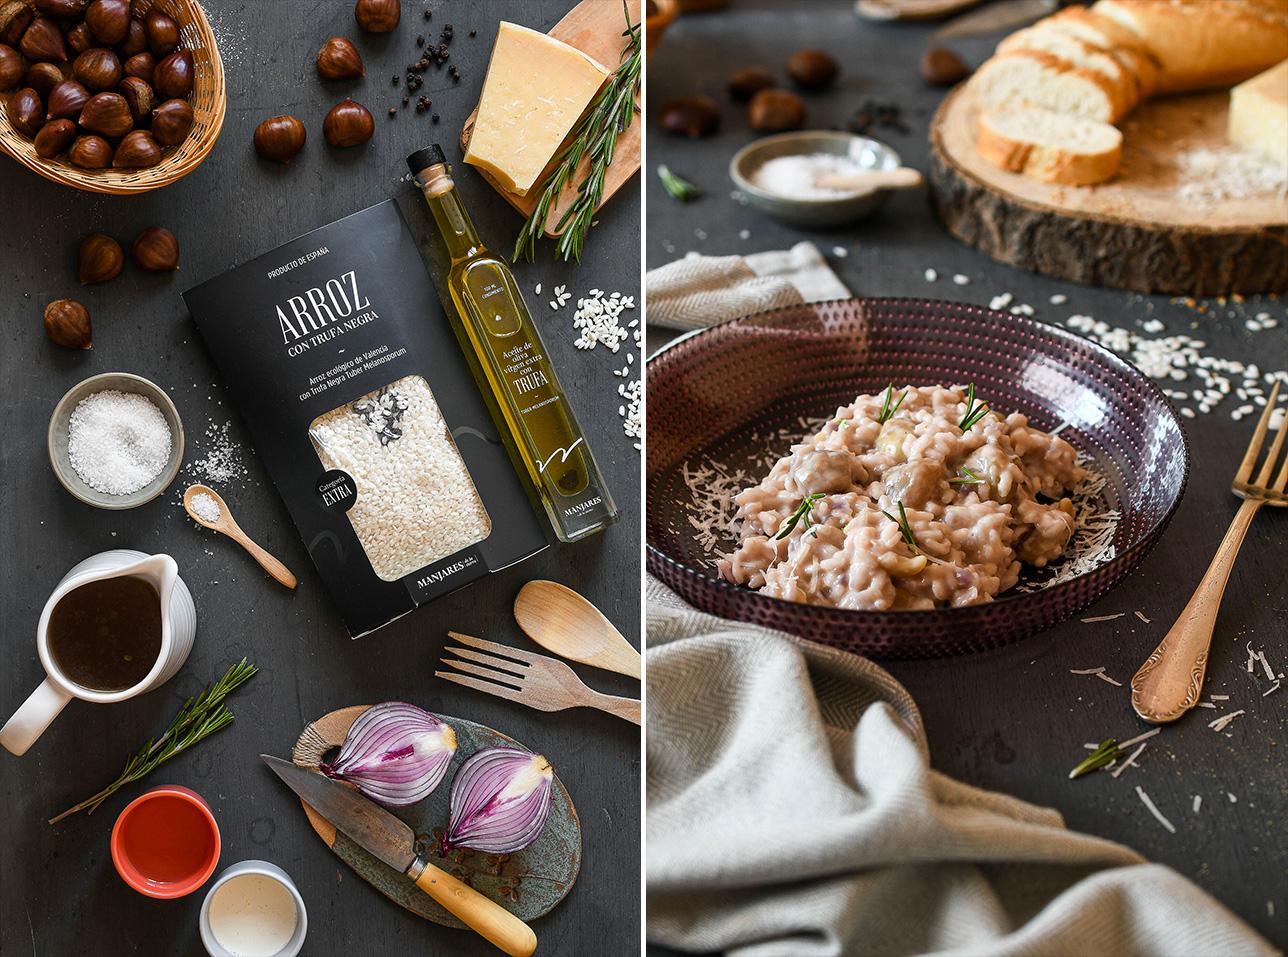 Recetta: risotto con castañas y trufa negra